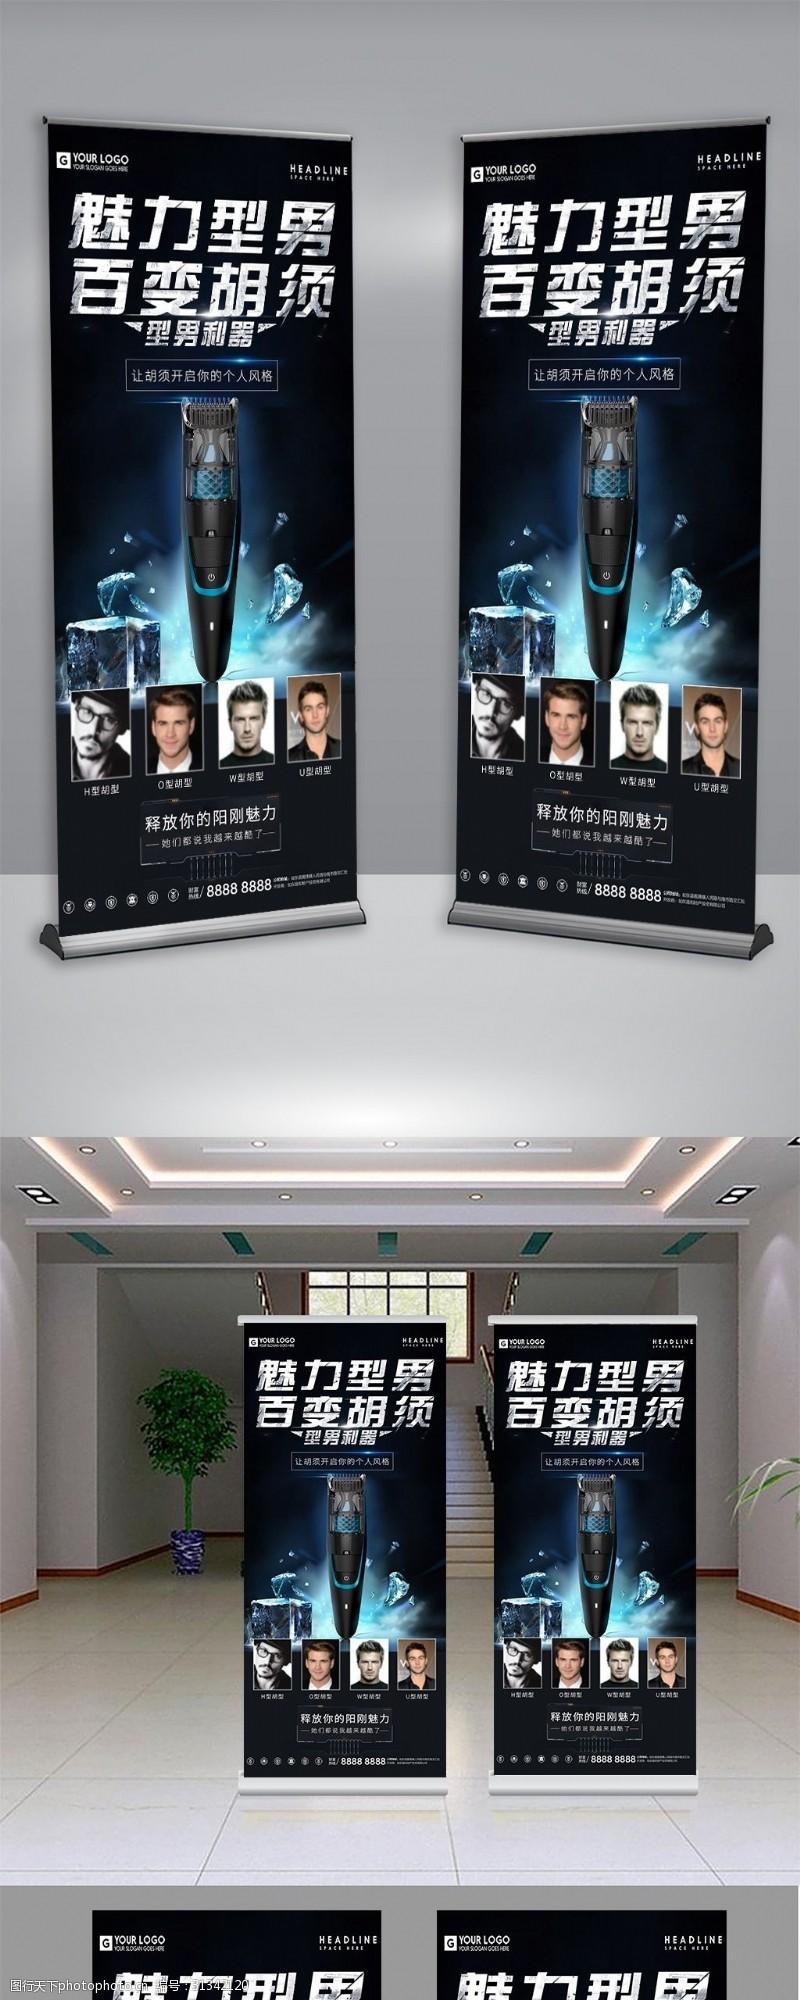 家电下乡酷炫黑银家电电器促销宣传展架